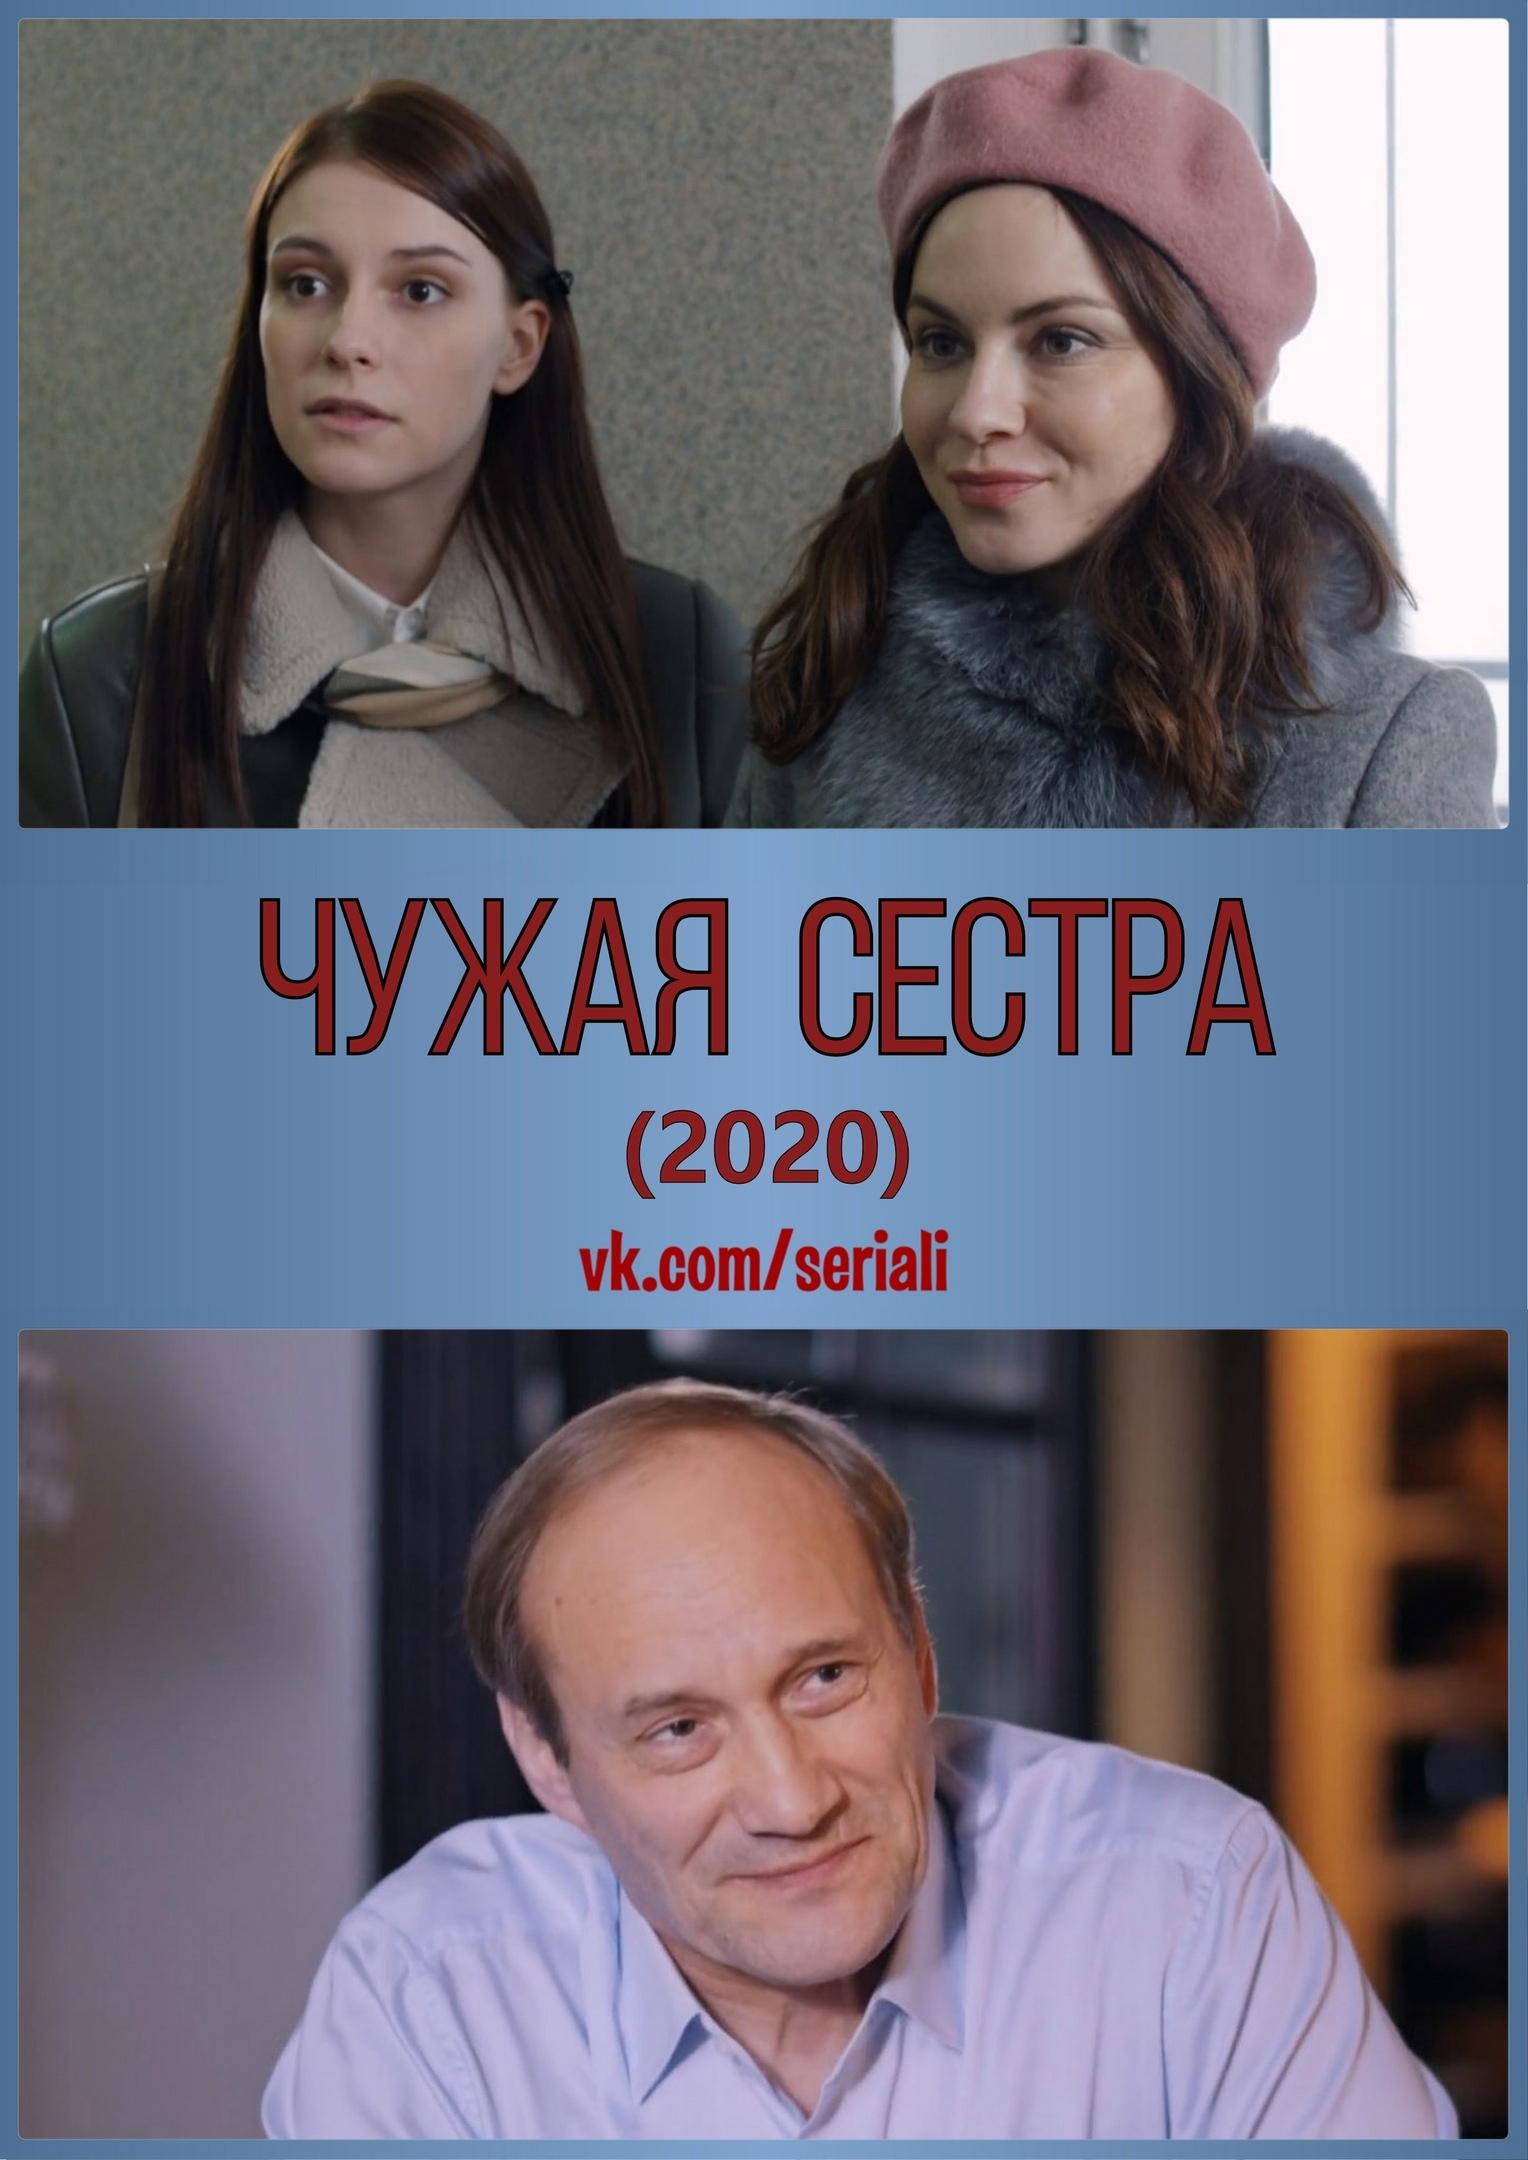 Мелодрама «Чyжaя cecтpa» (2020) 1-4 серия из 4 HD